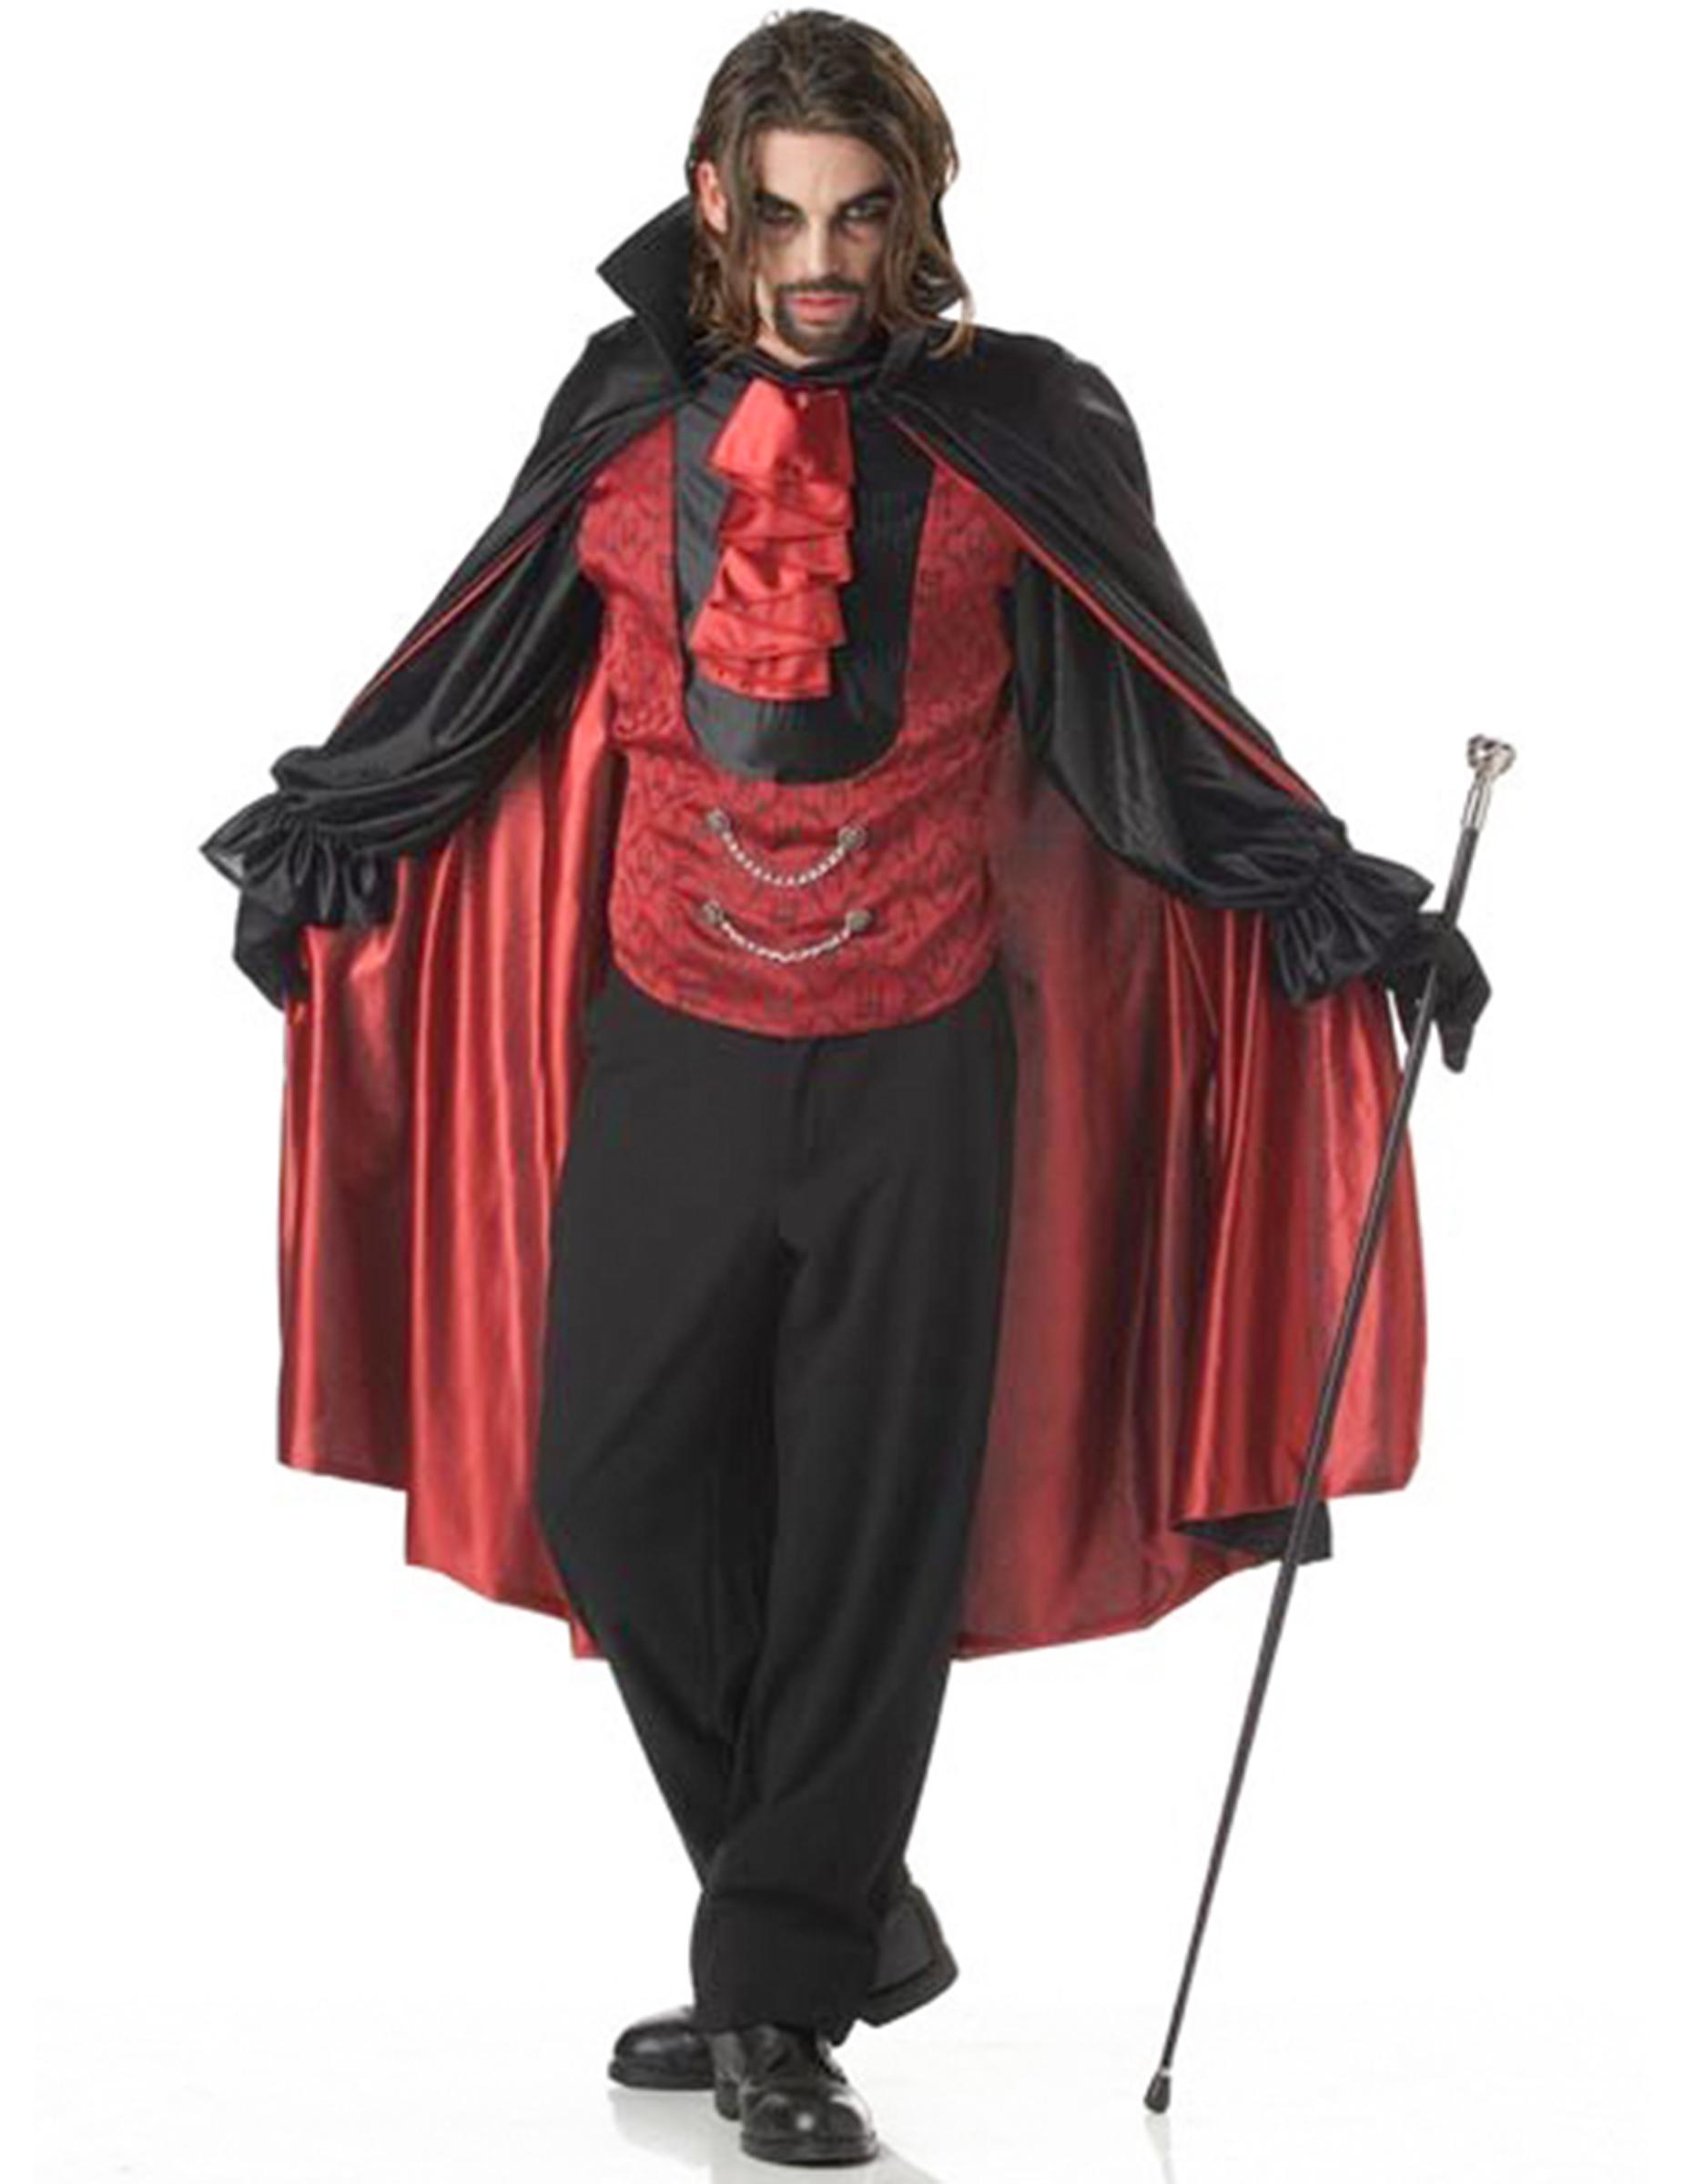 prinz der dunkelheit vampir kost m rot schwarz kost me f r erwachsene und g nstige. Black Bedroom Furniture Sets. Home Design Ideas